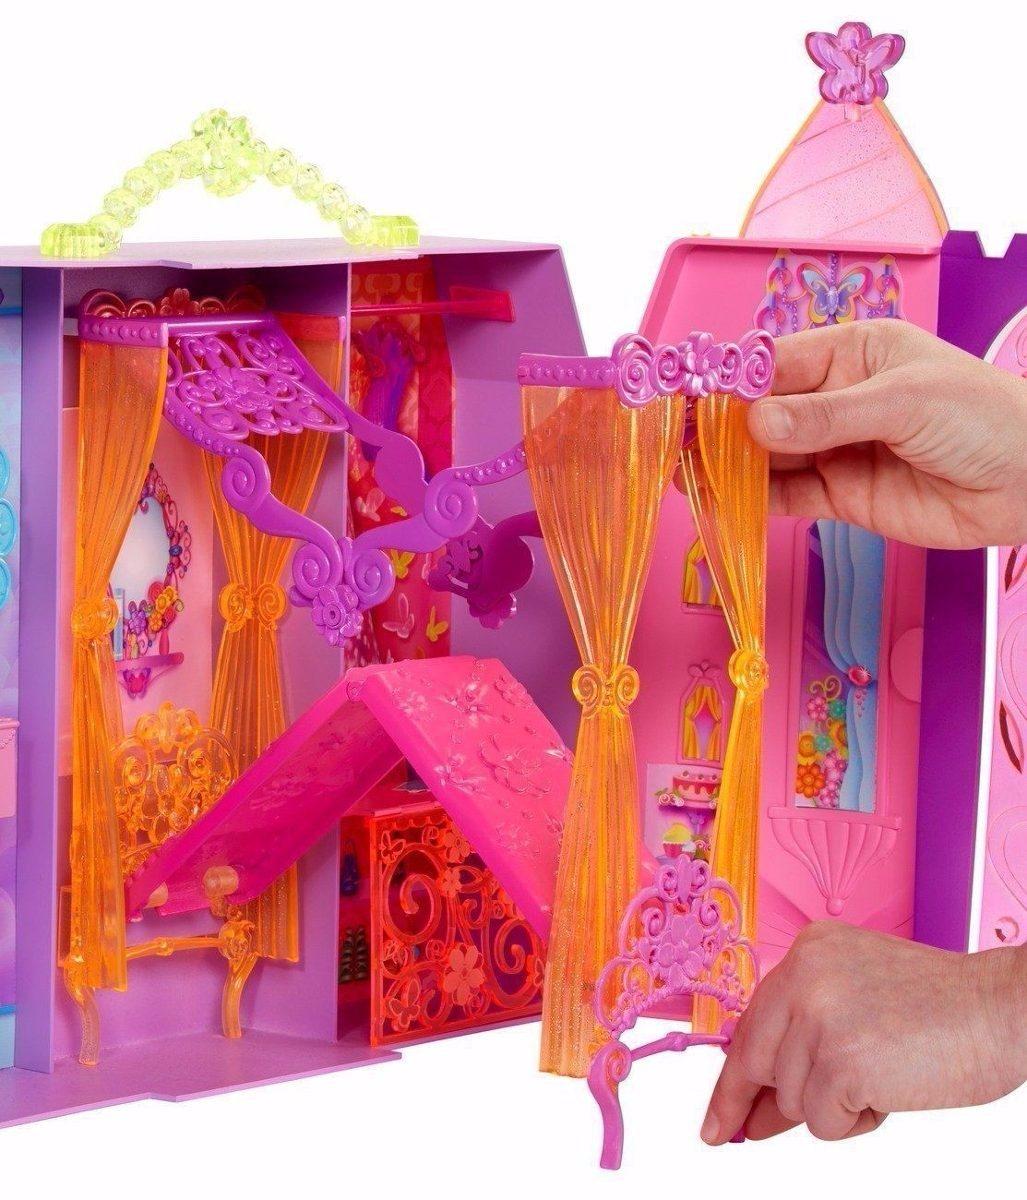 Casa Da Barbie Castelo Importado   Peças Para Montar Luxo R$ 450  #8B1030 1027x1200 Banheiro Da Barbie Mercadolivre